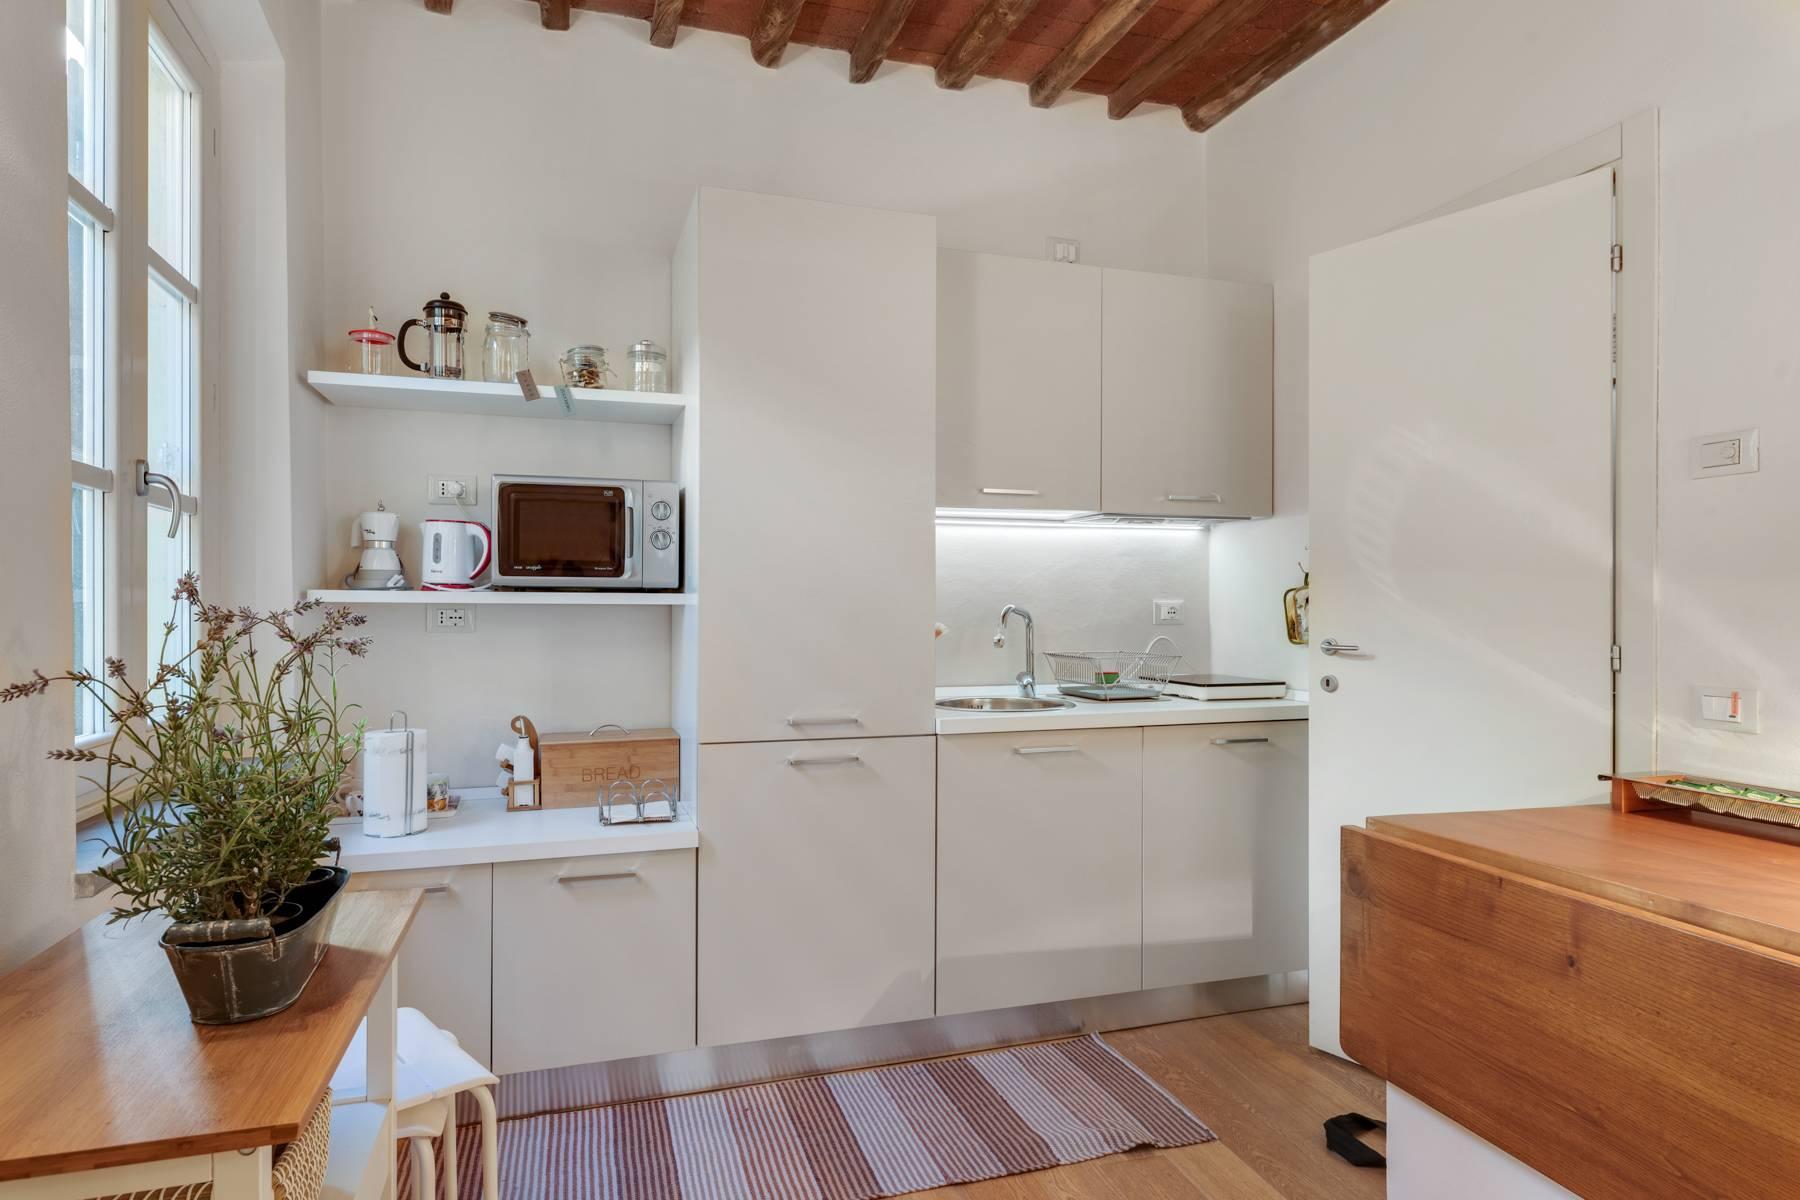 Grazioso appartamento indipendente nel cuore di Lucca - 13